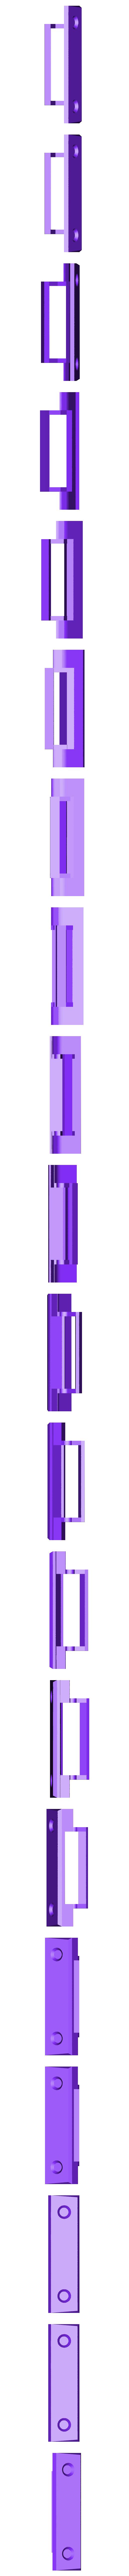 dimpled unfilmed gshock adaptor to w218.stl Download STL file Casio W218H gshock strap adapter • 3D printing design, LarryG